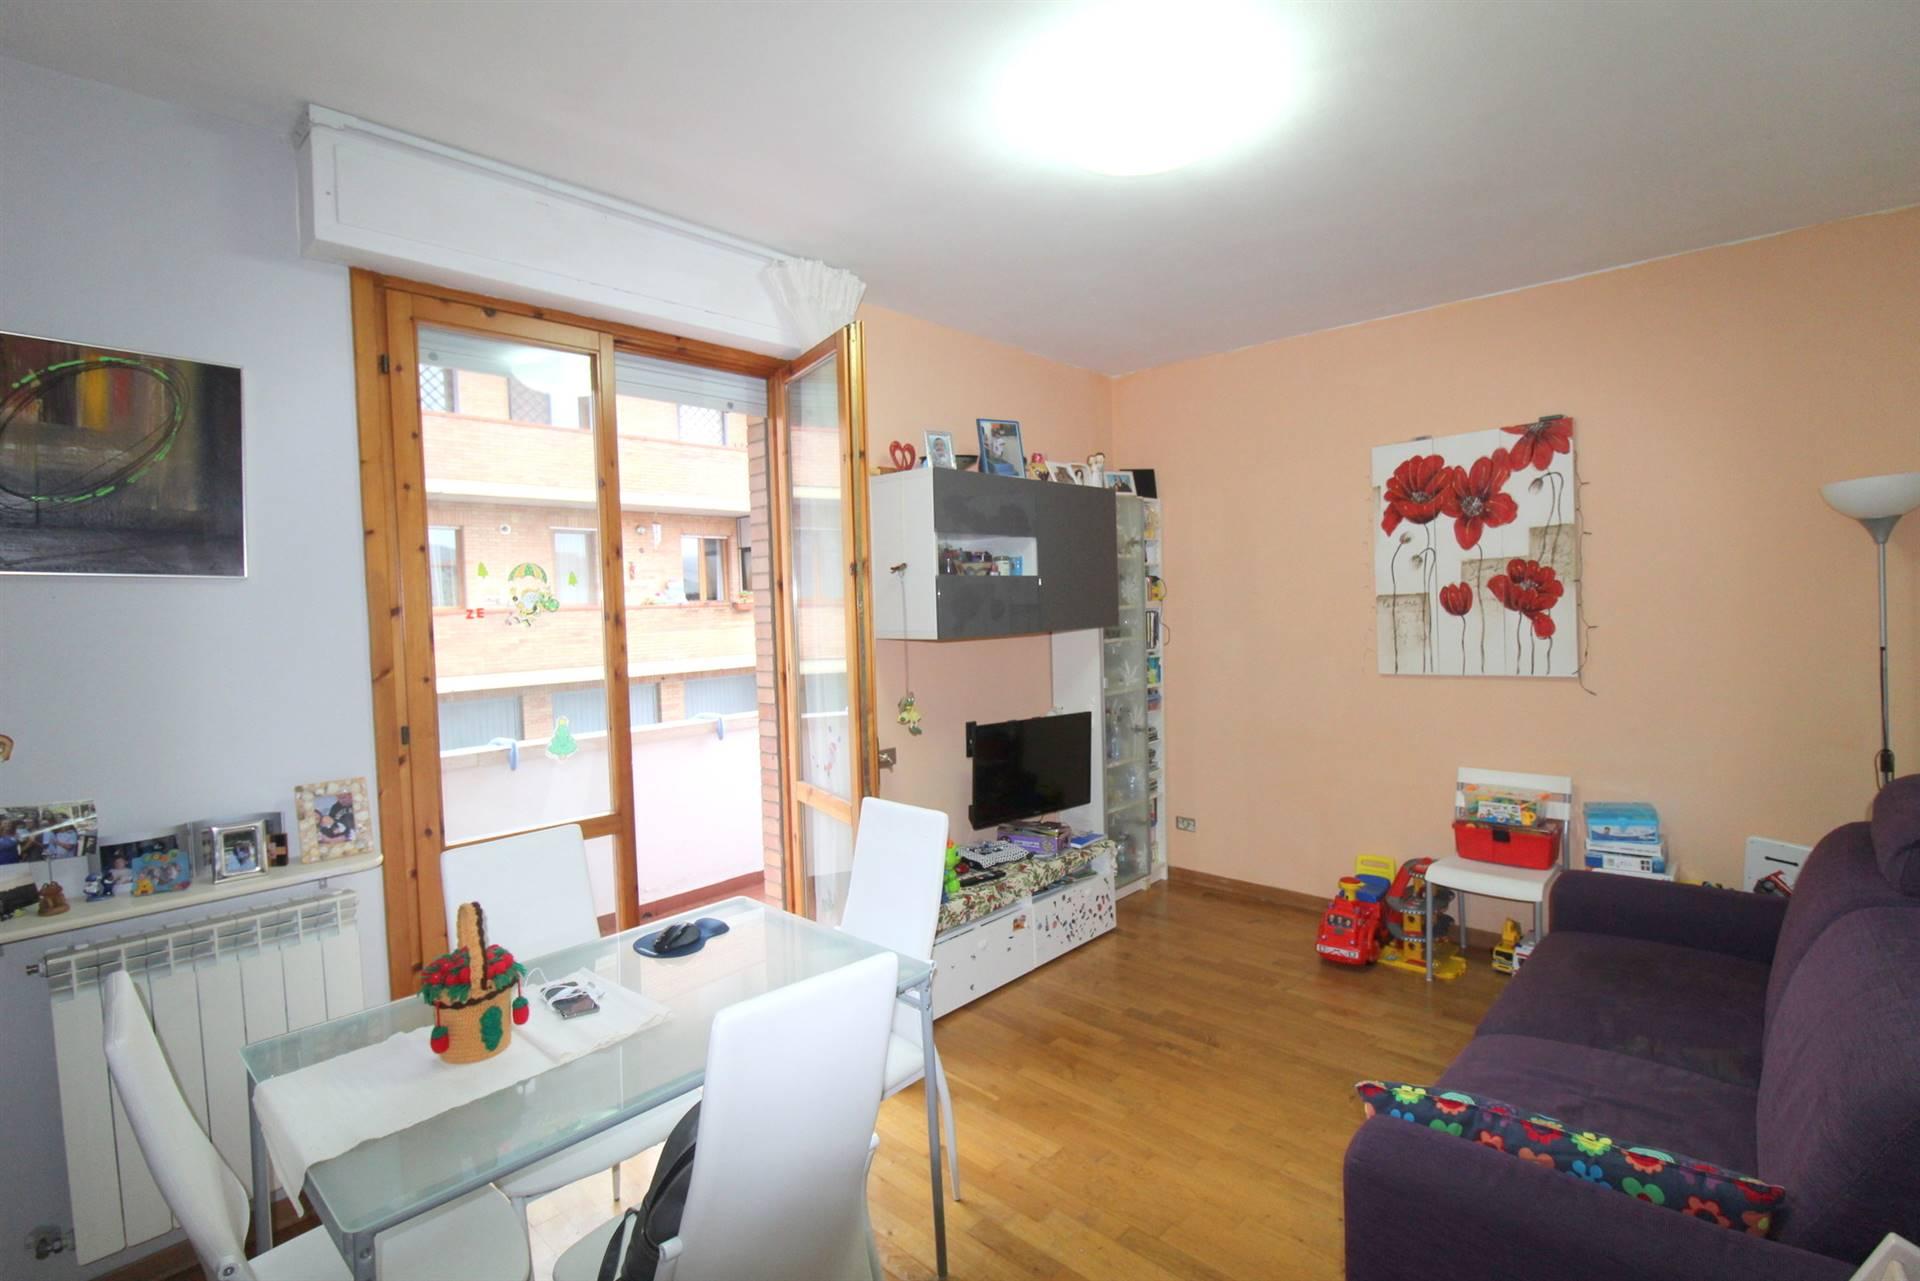 Appartamento in vendita a Castelnuovo Berardenga, 3 locali, zona Località: QUERCEGROSSA, prezzo € 125.000 | PortaleAgenzieImmobiliari.it